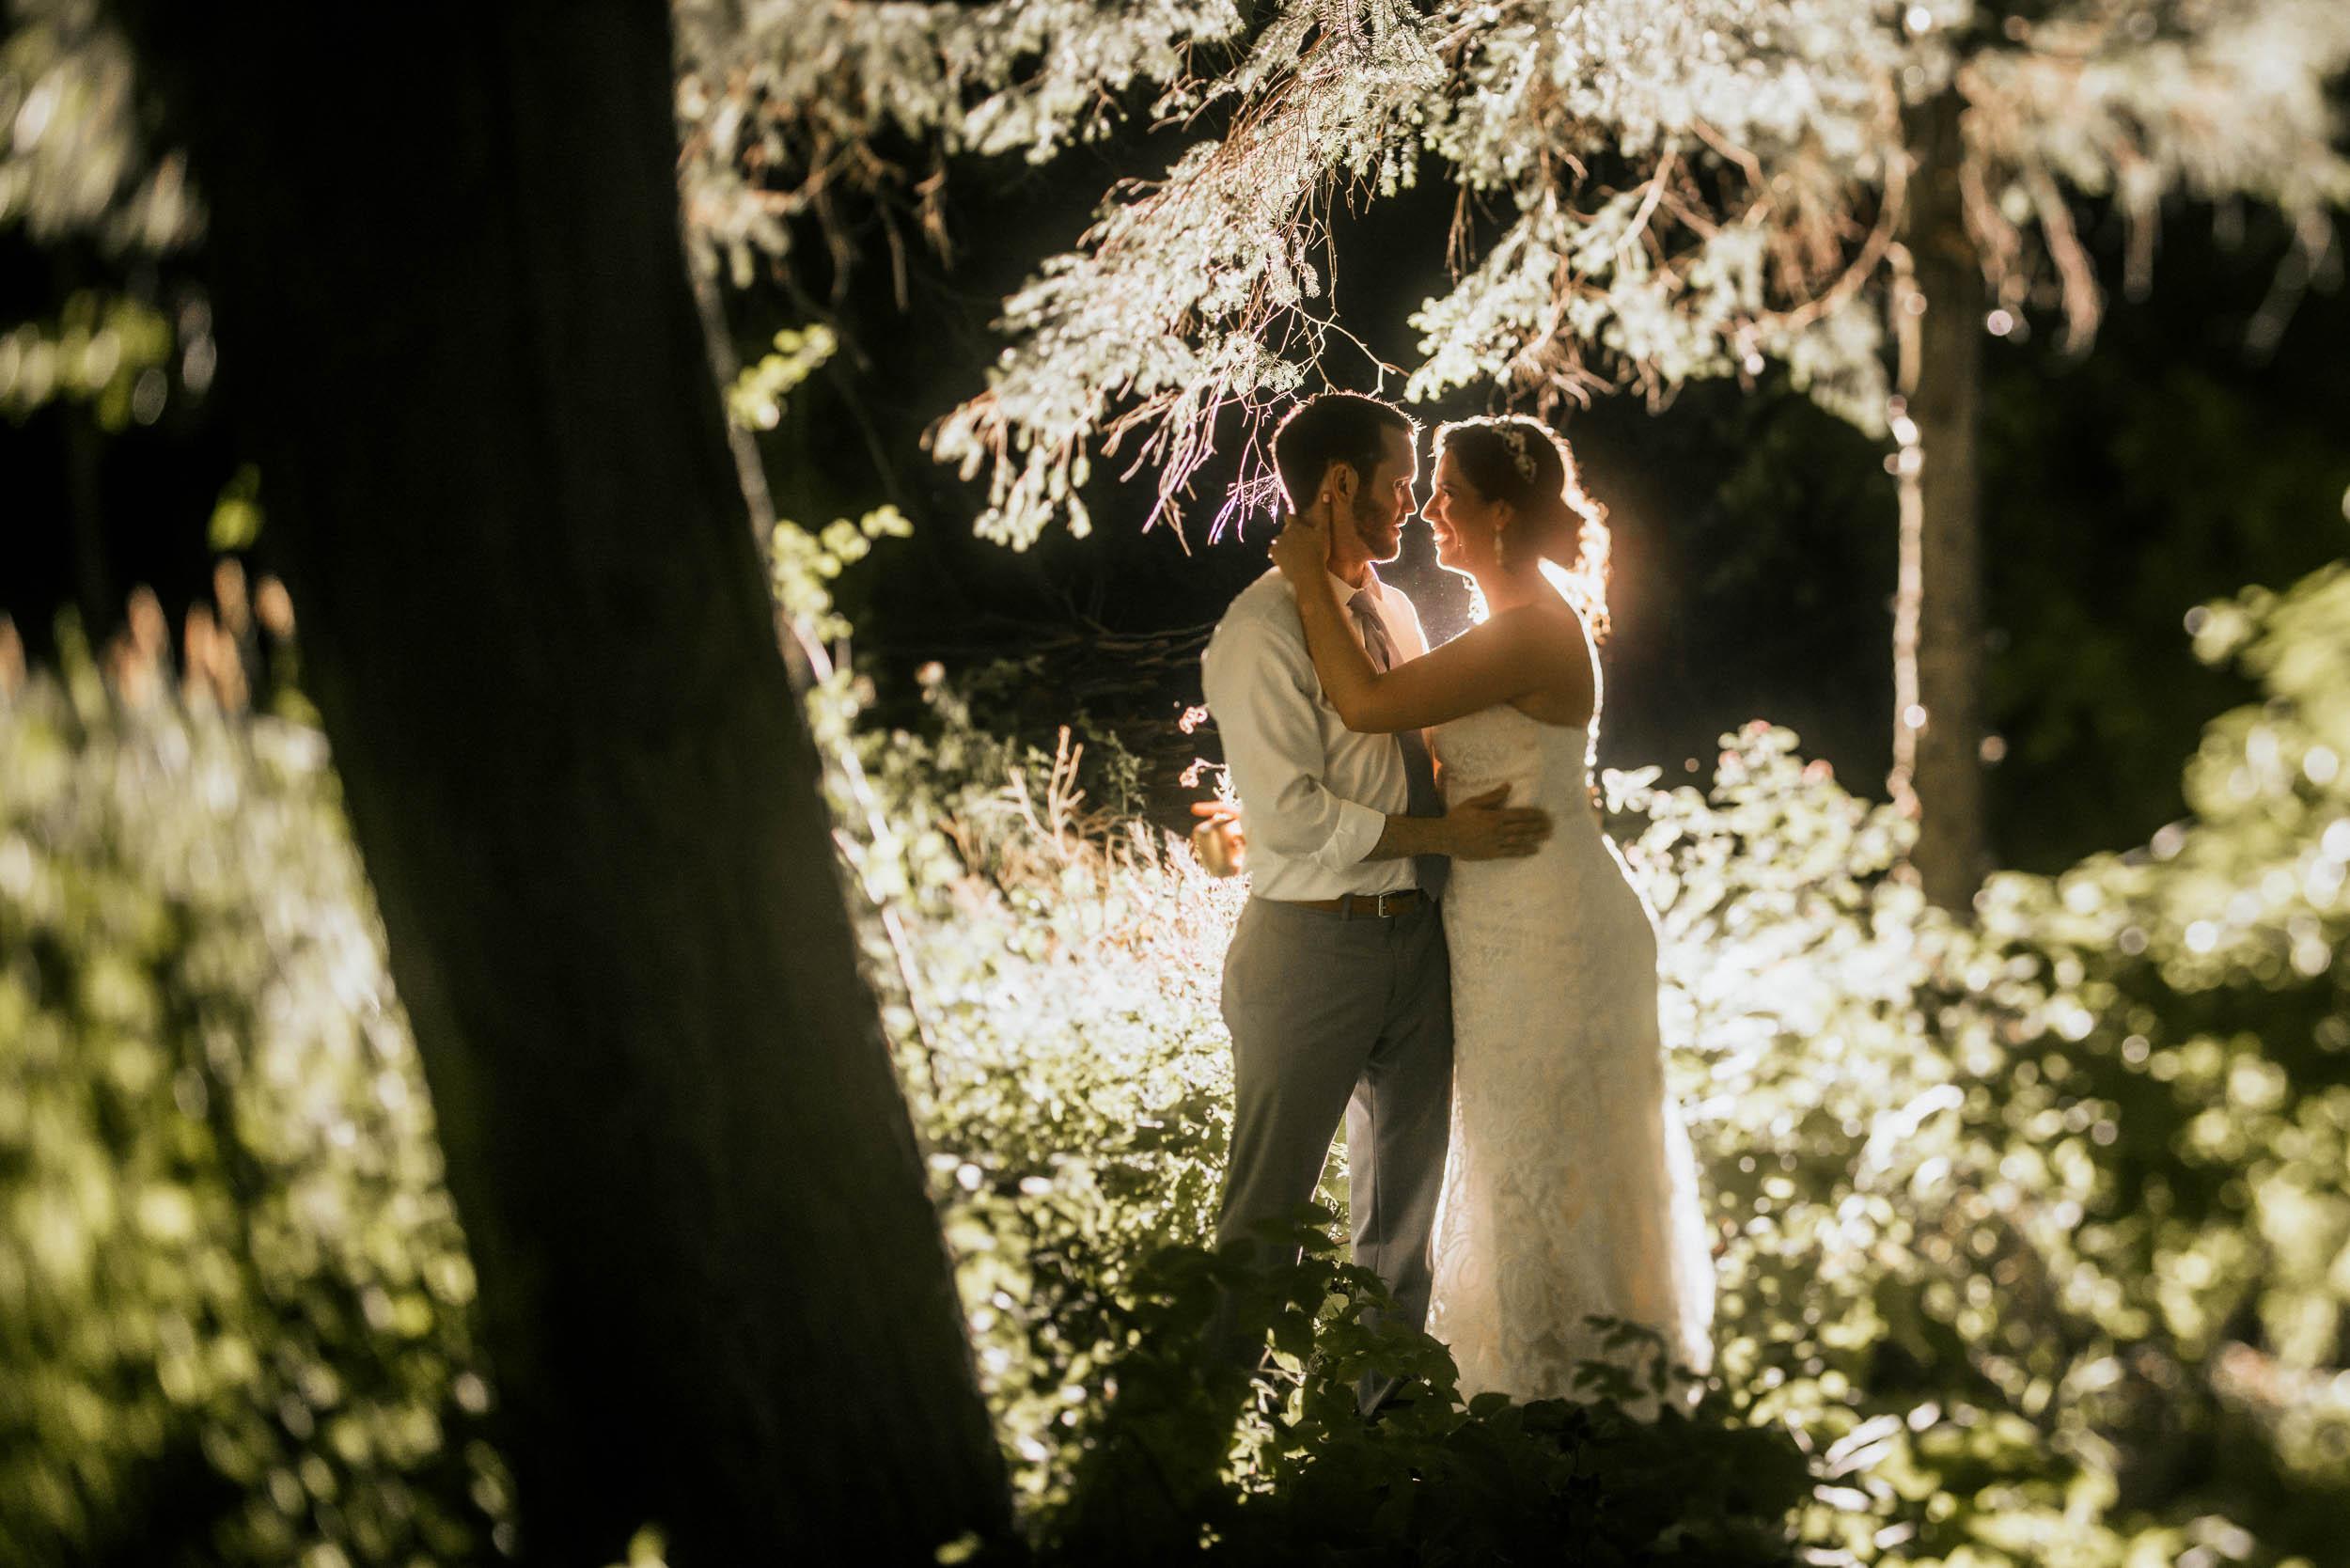 wedding-photography-stratford-davidiam-272.jpg